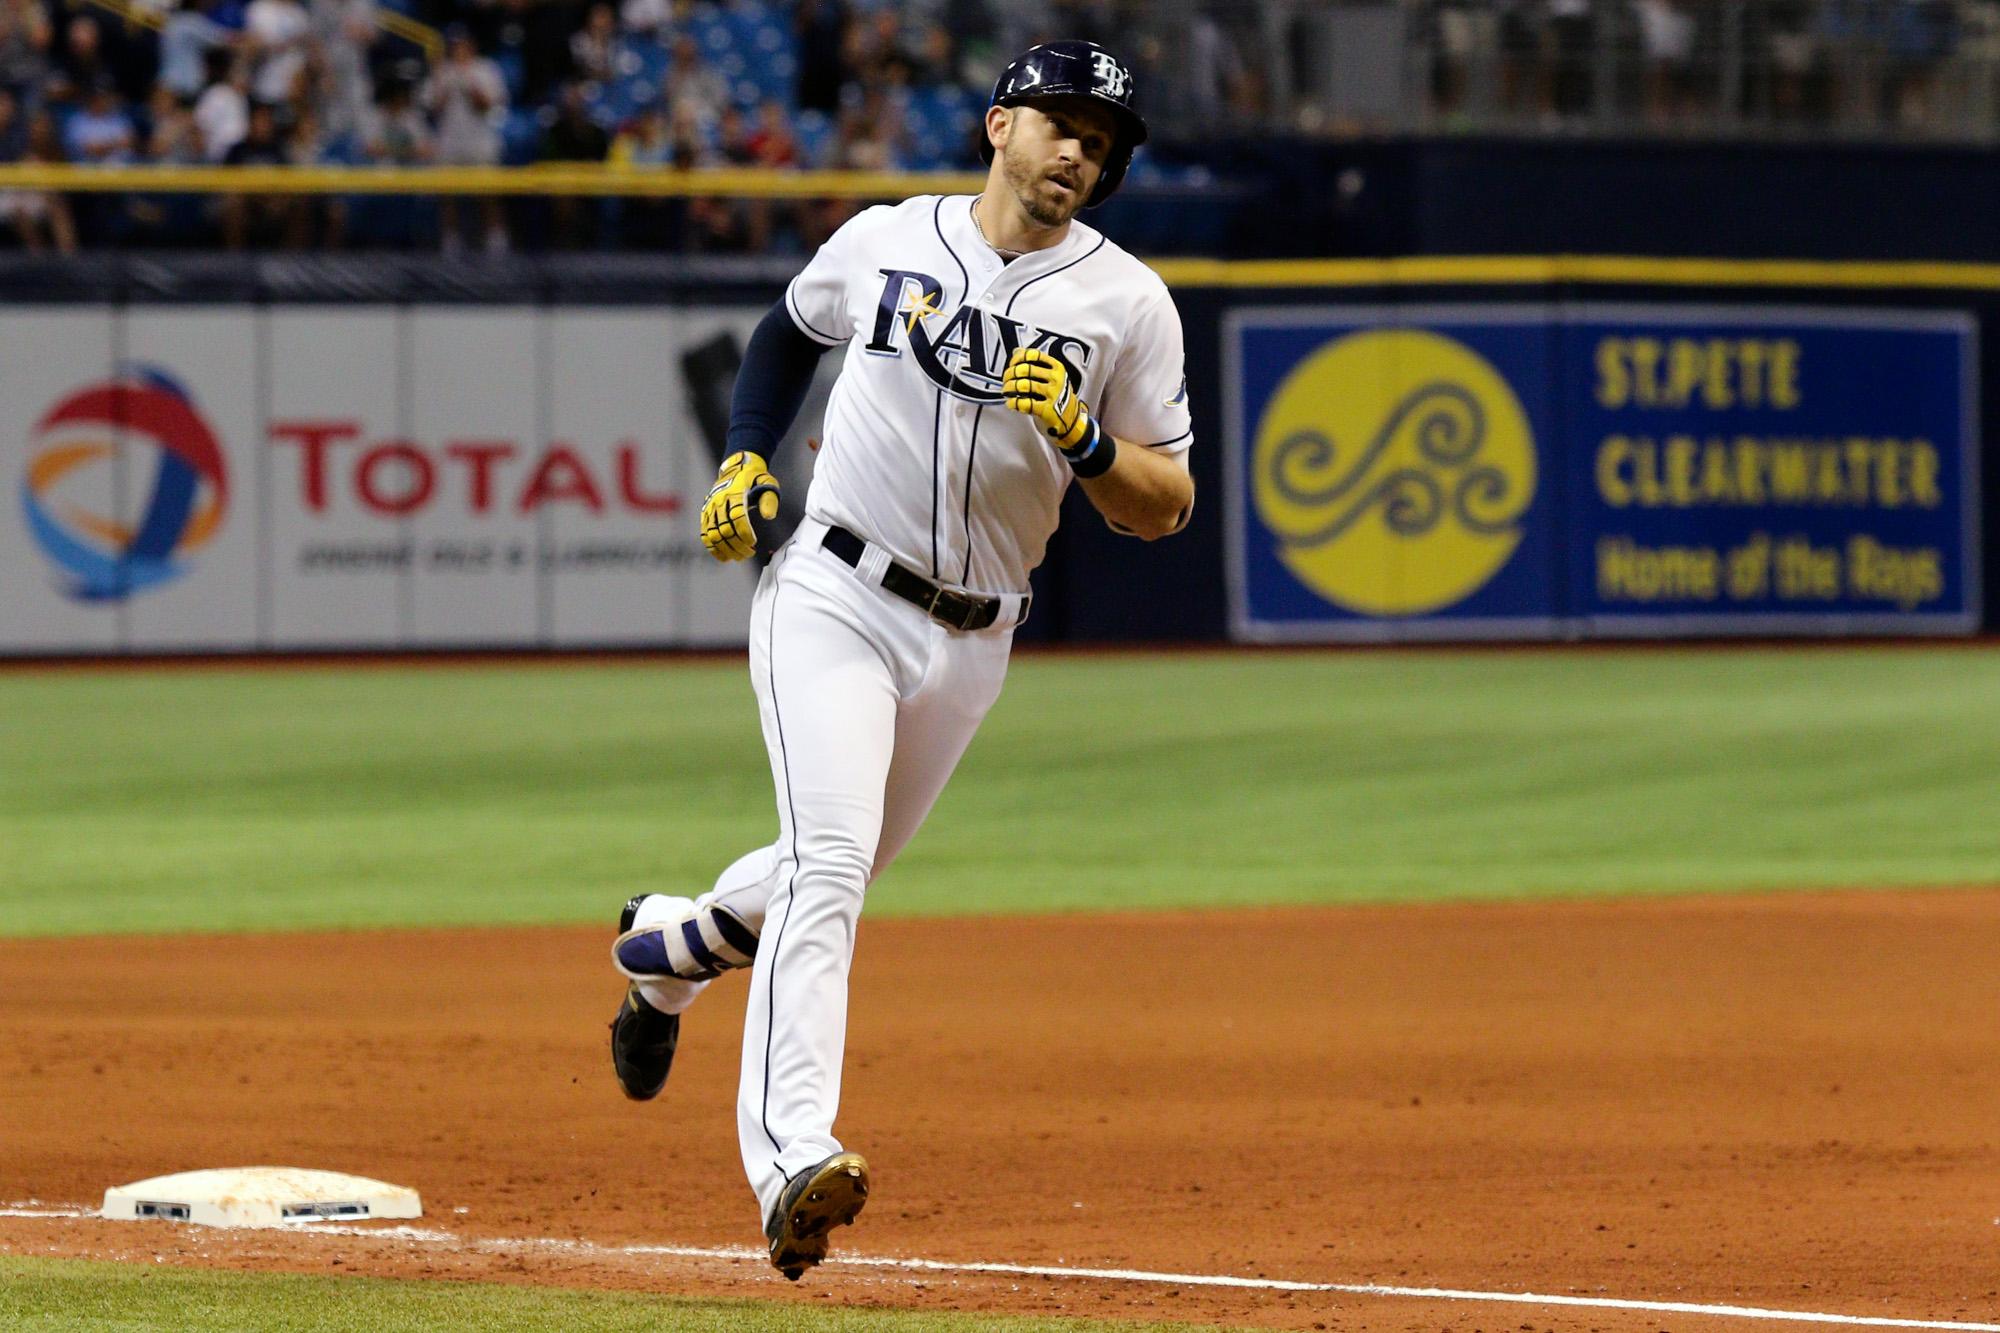 Longoria has hit at least 20 homers in nine of 10 seasons./ANDREW J. KRAMER